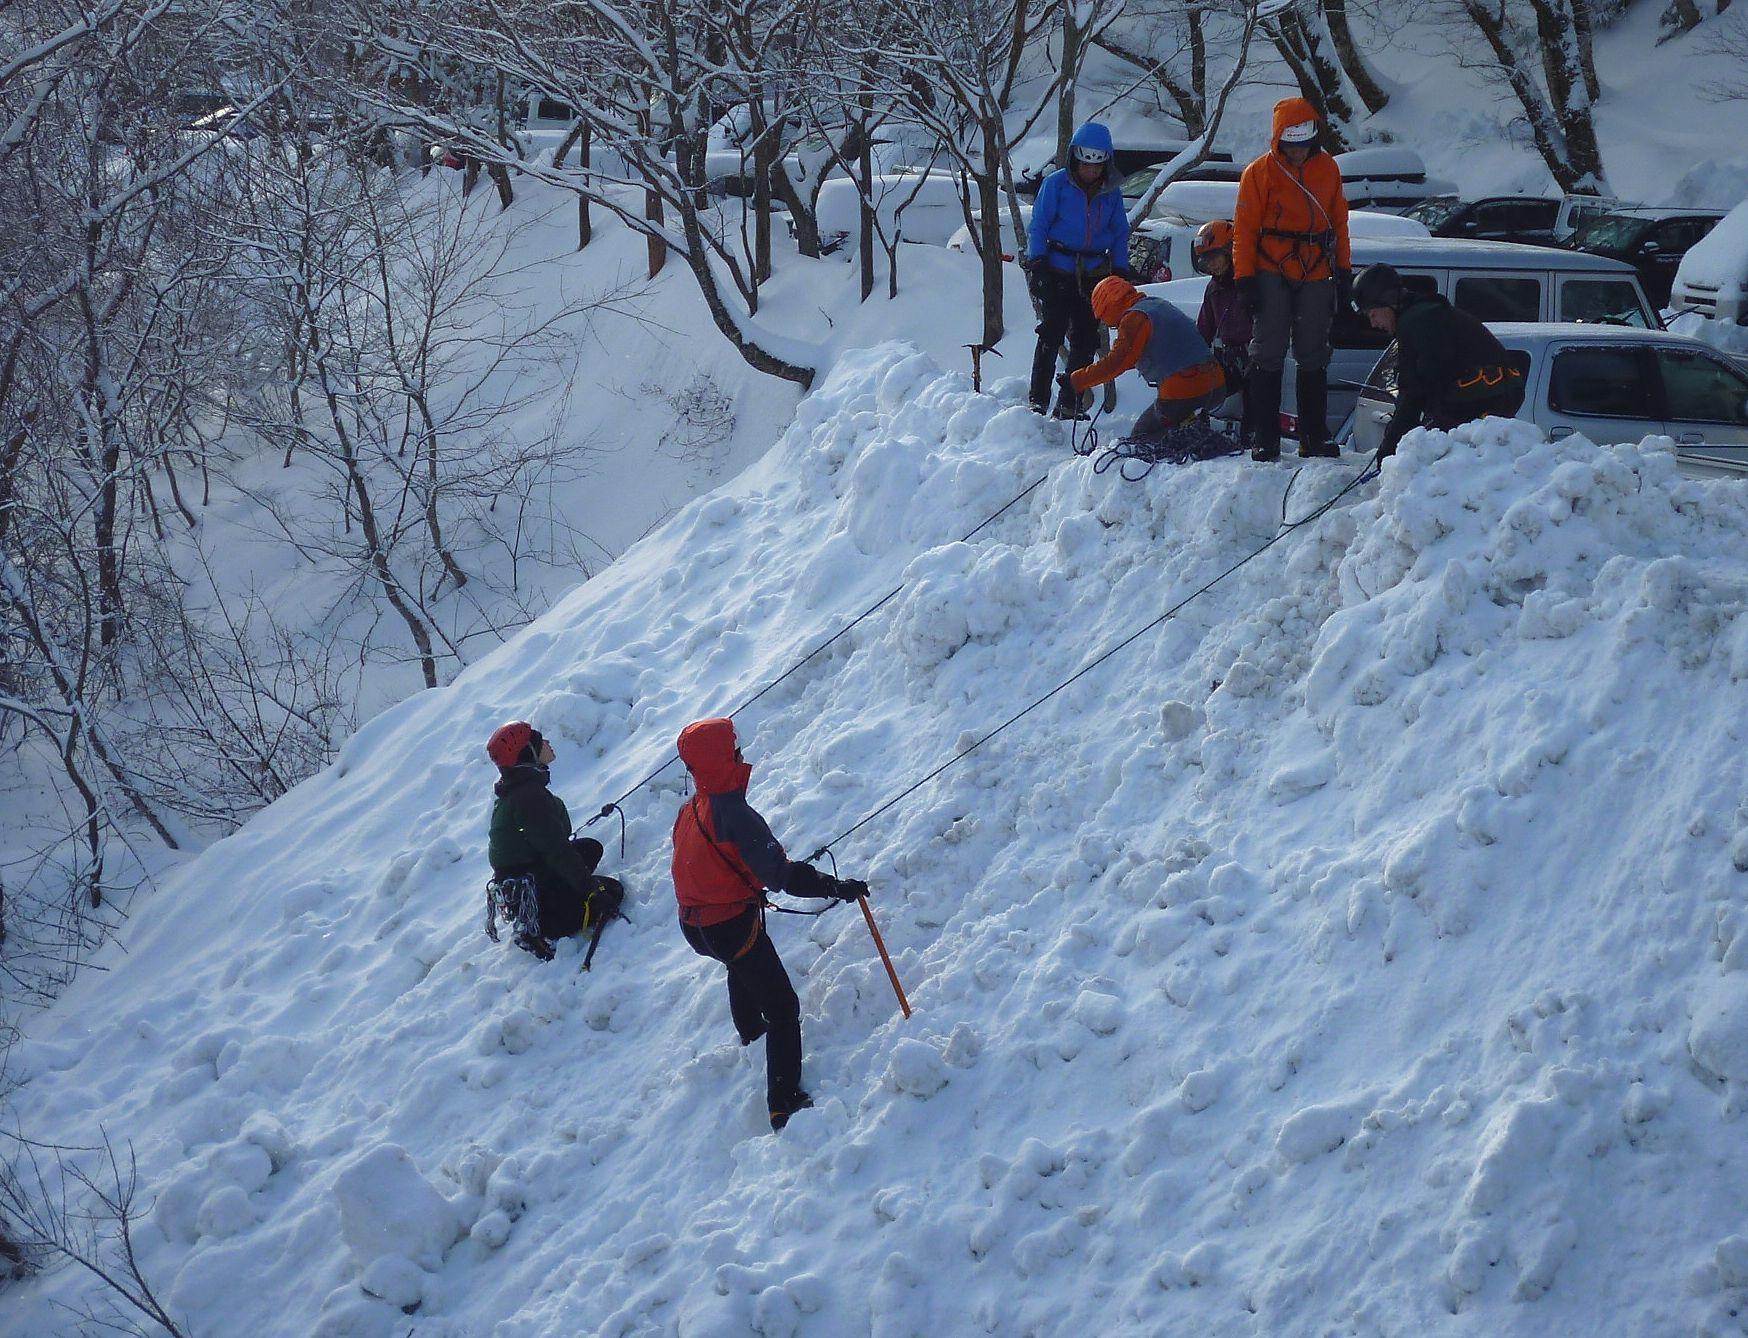 大山で氷雪技術研修会_b0156456_17555339.jpg